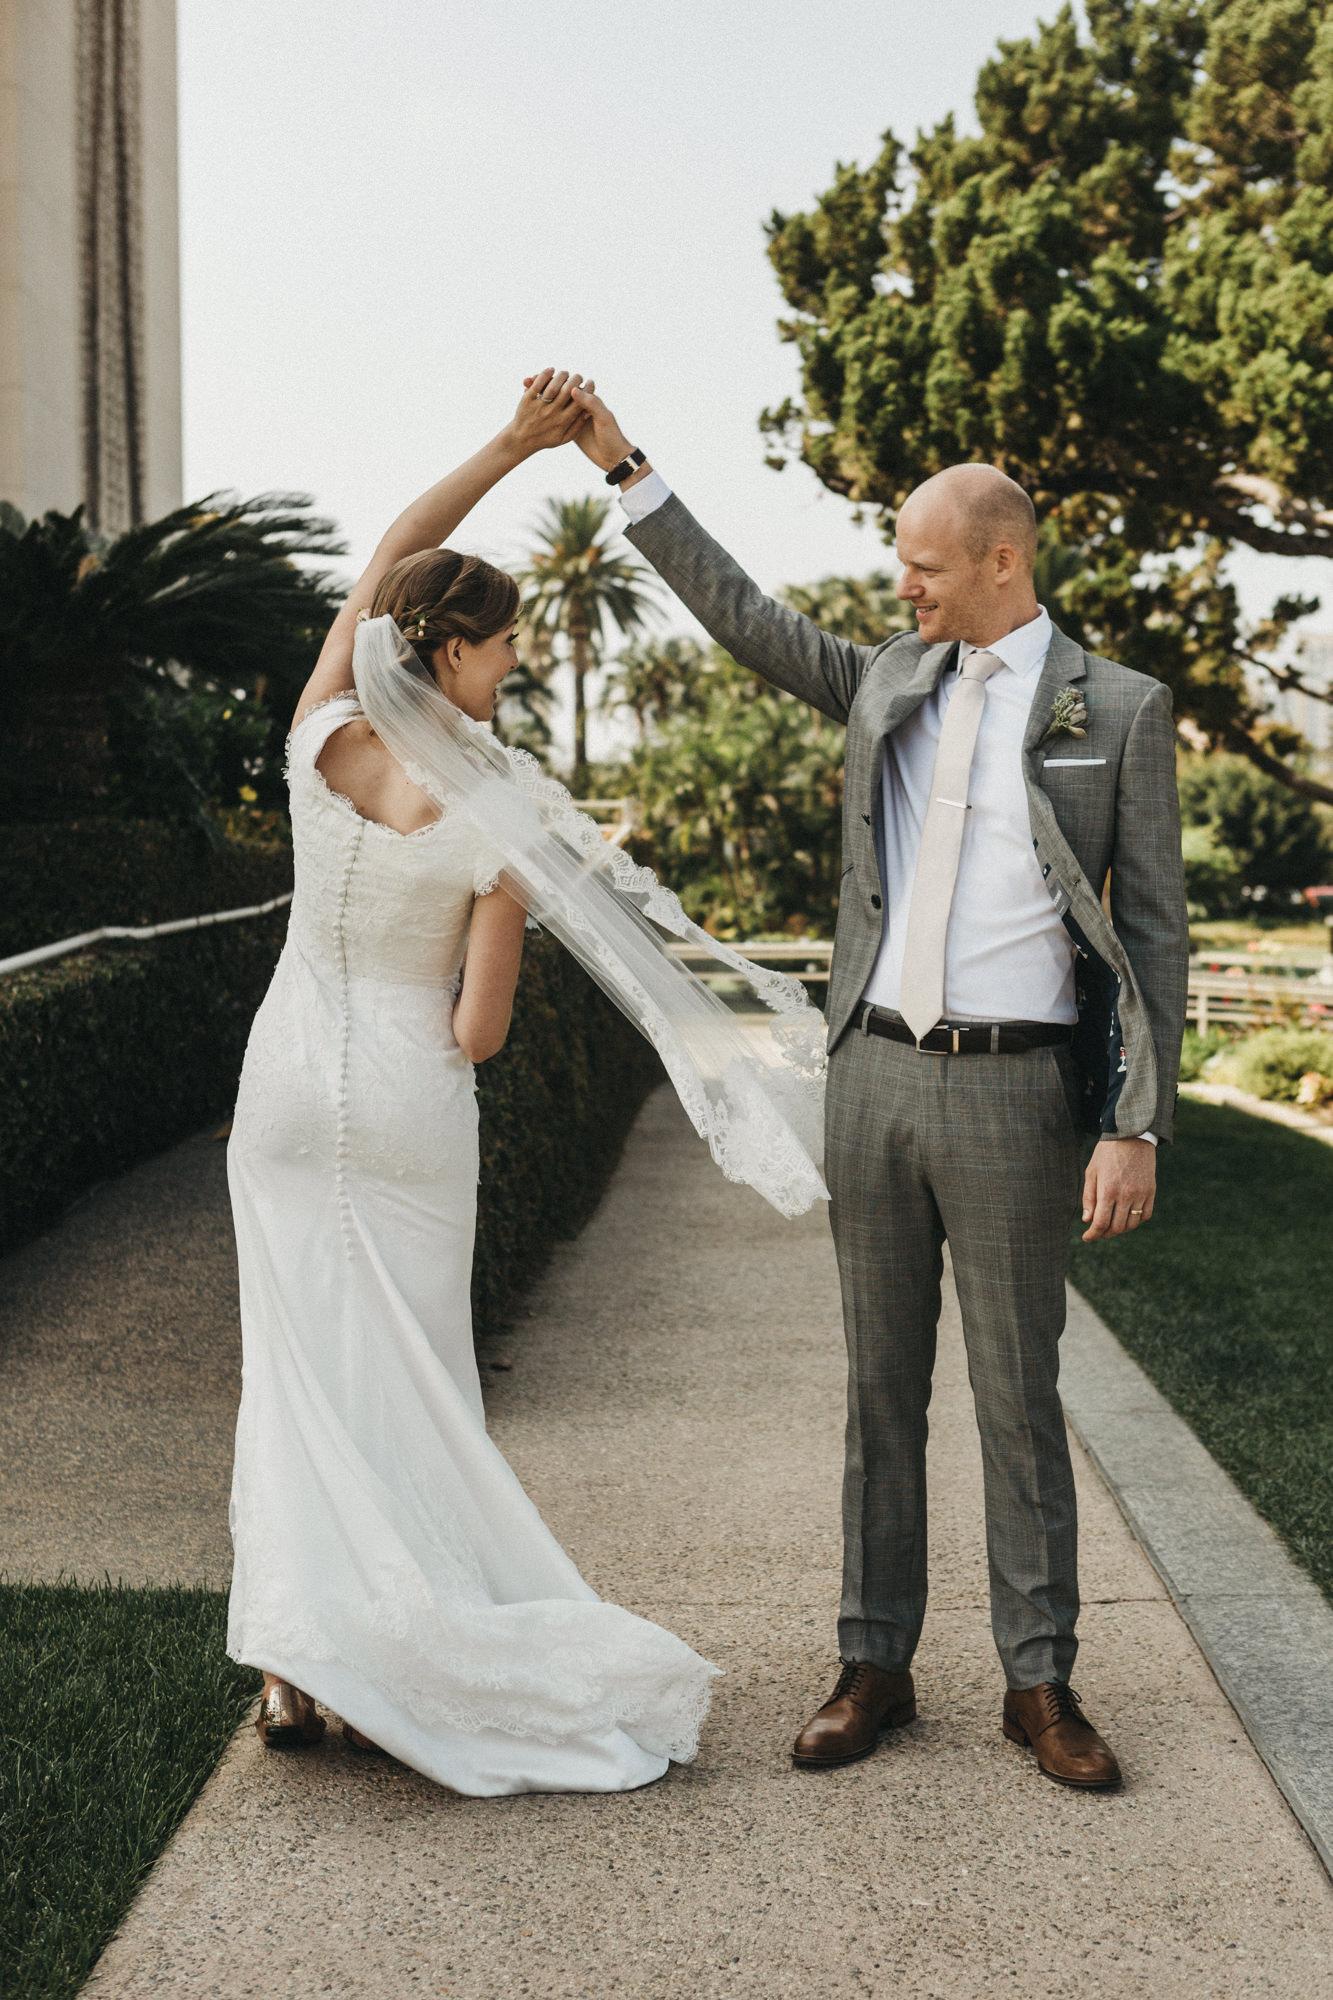 los_angeles_mormon_temple_wedding-9.jpg